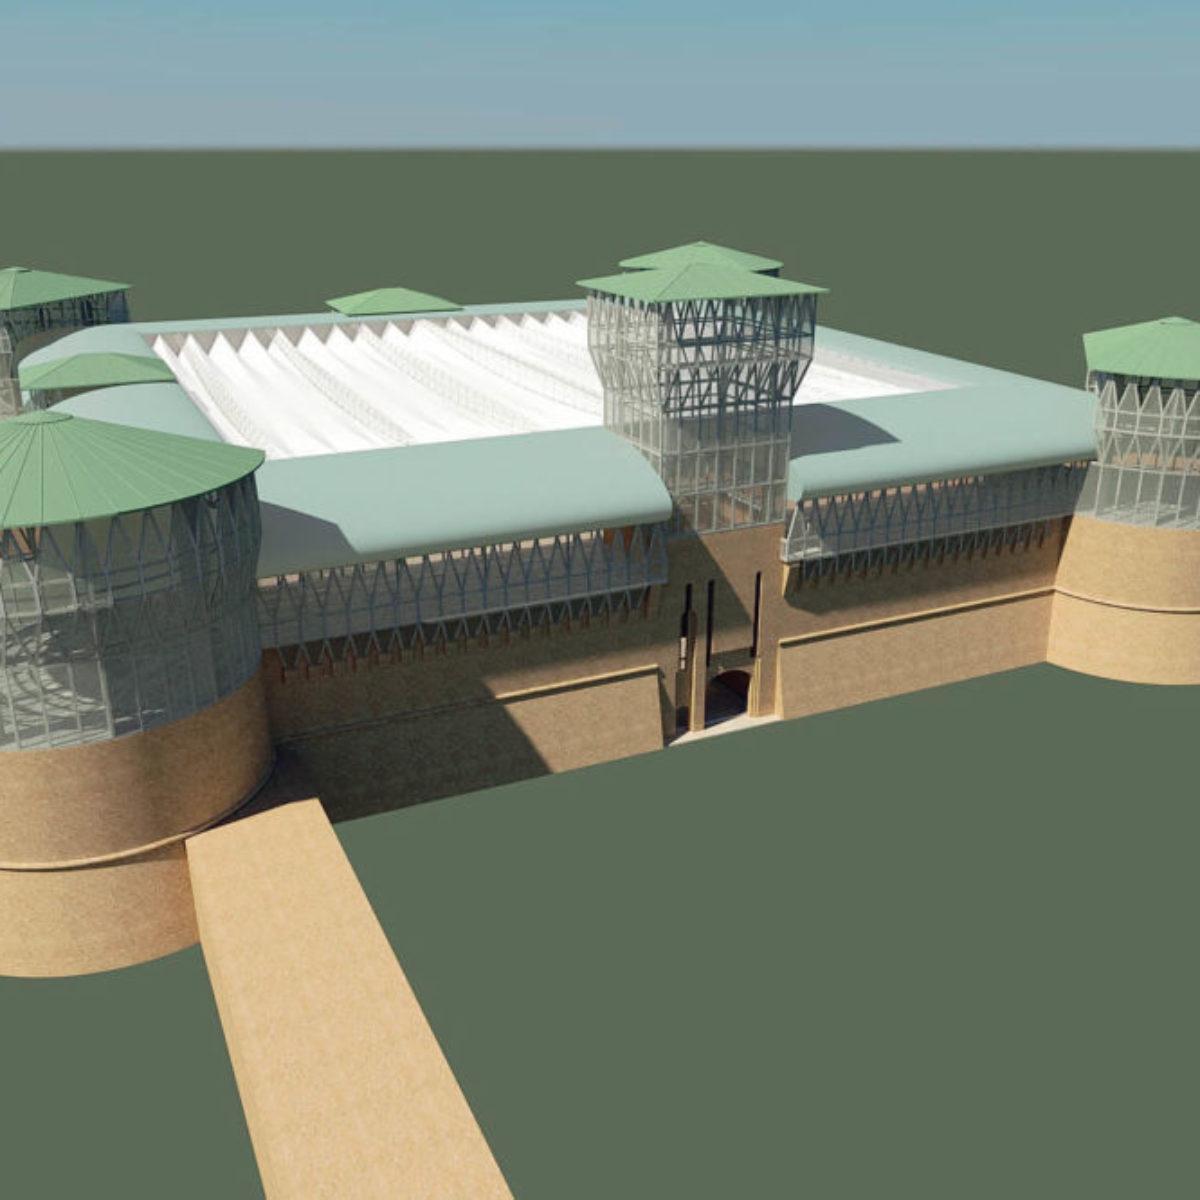 Tetto In Lamiera Opinioni 8 milioni per la nuova rocca di ravenna, arena dal tetto